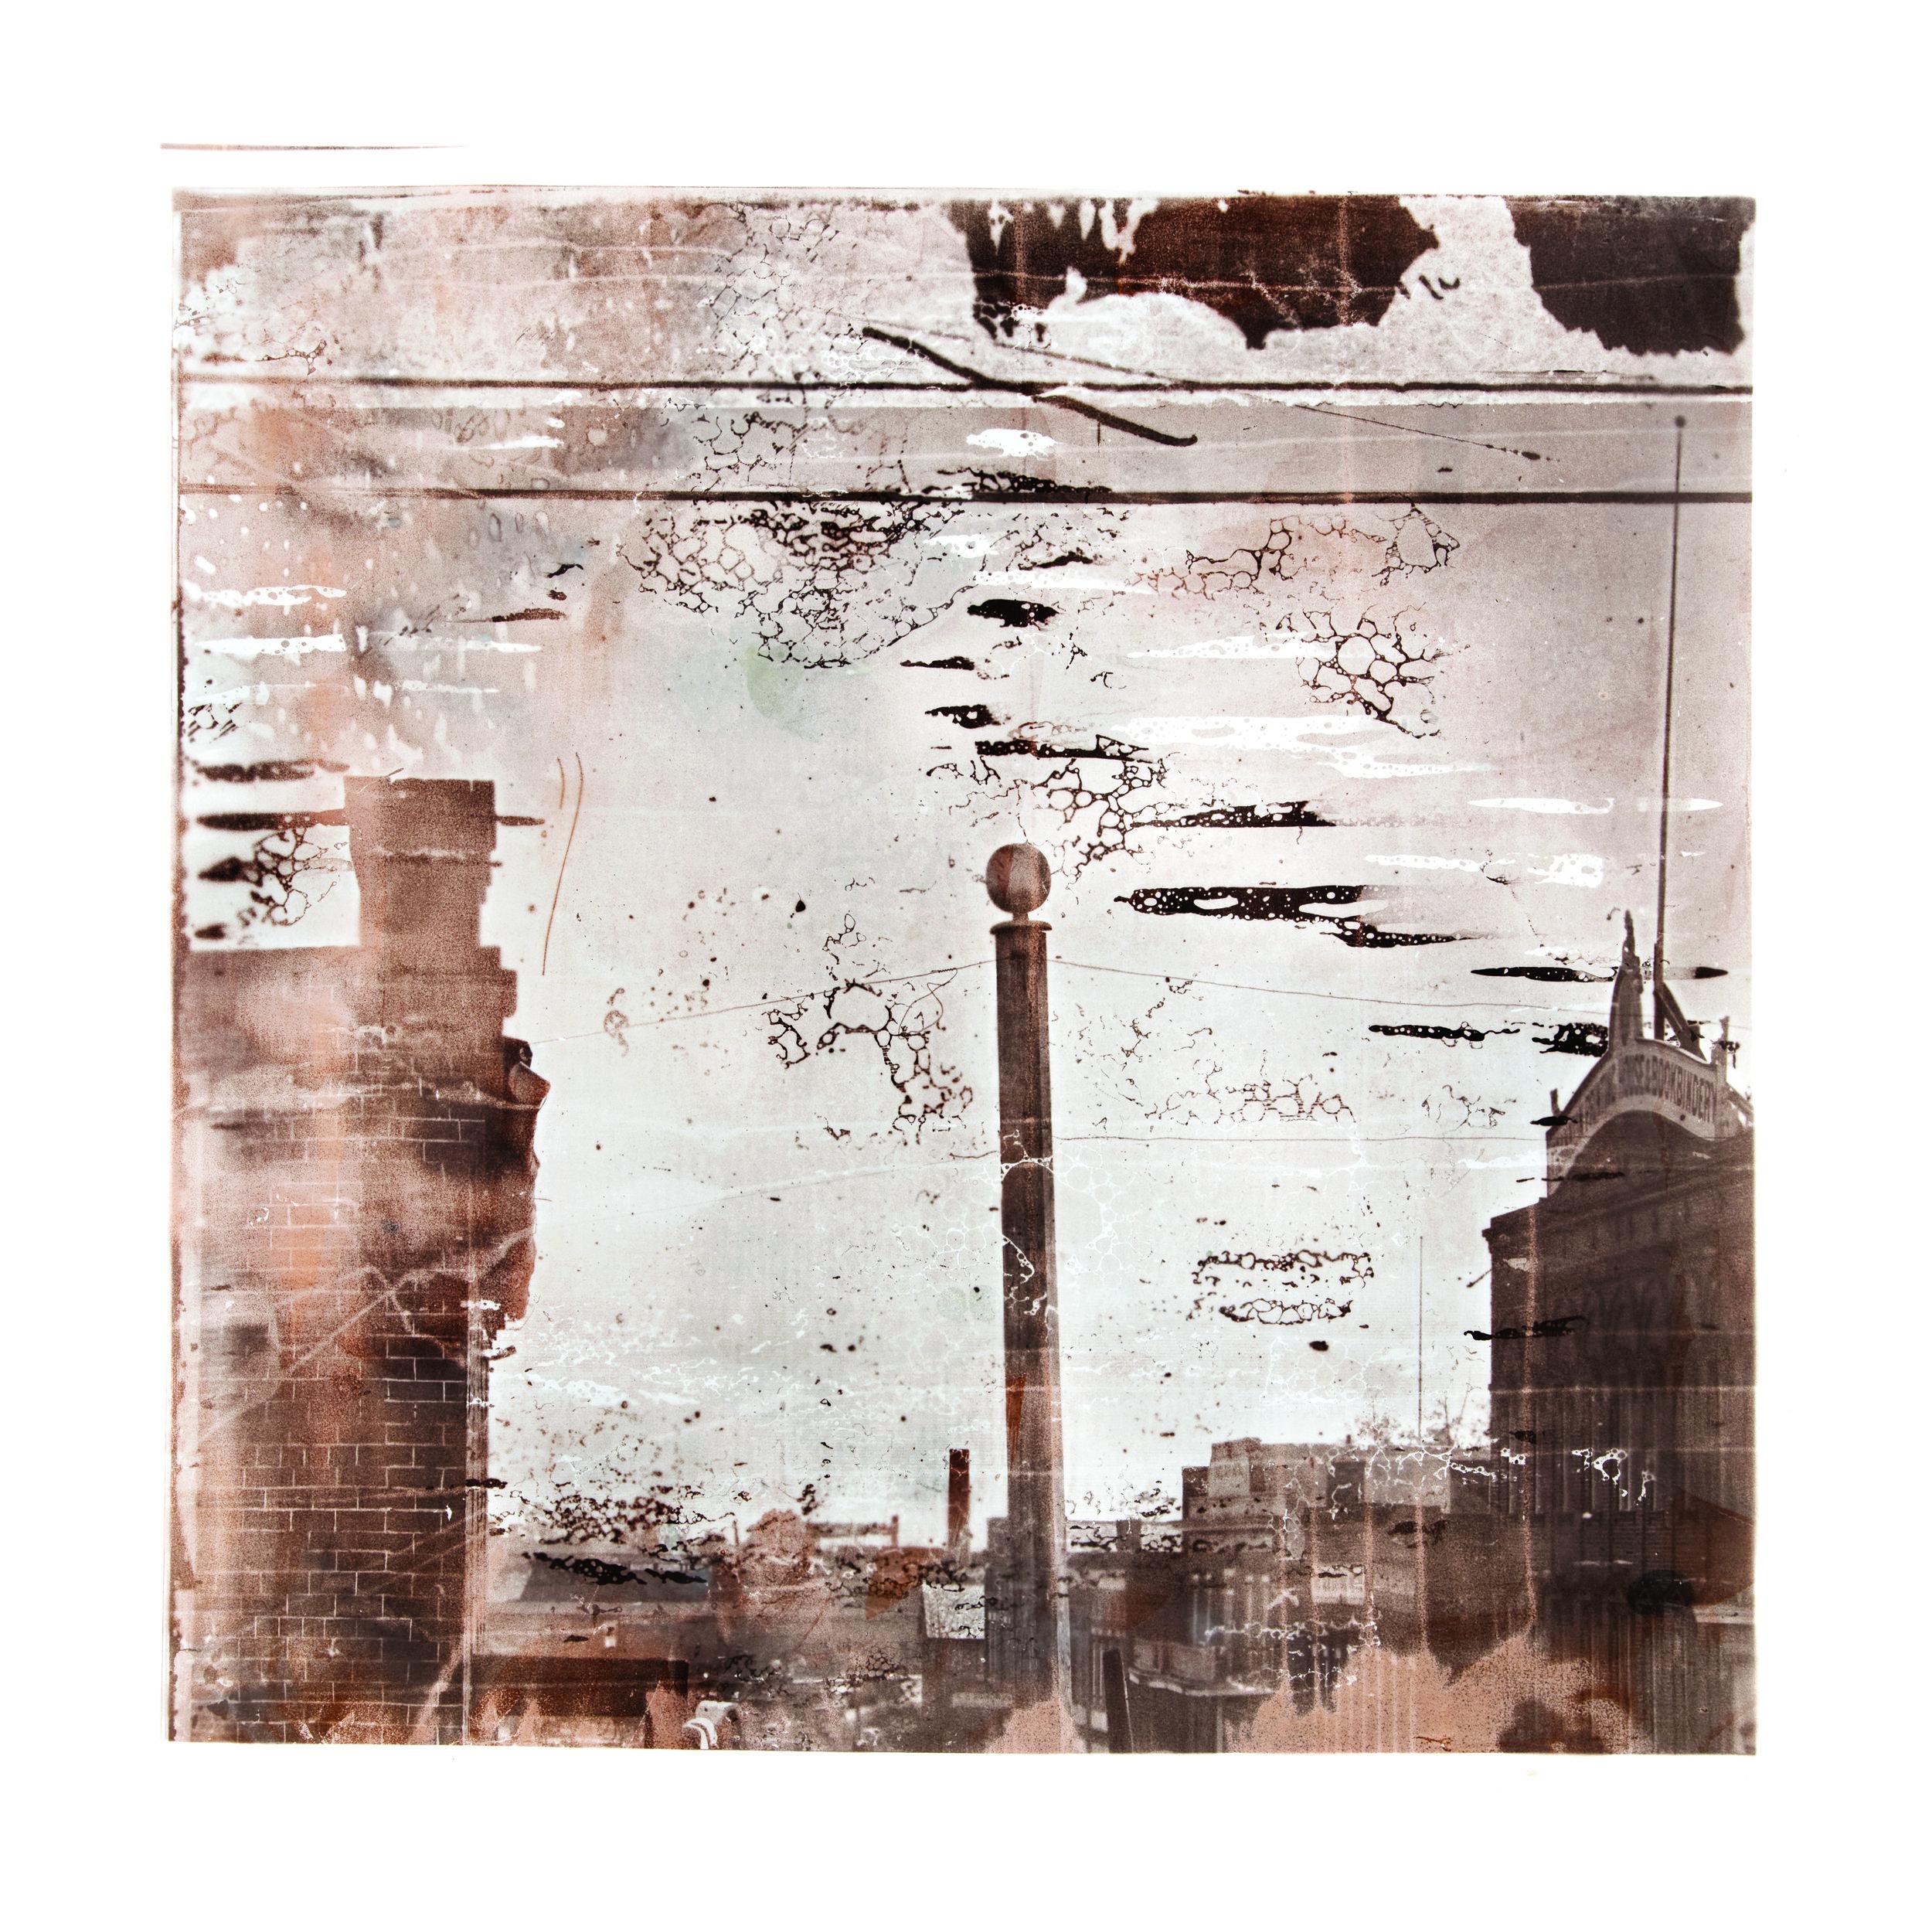 1864, 03355a4  2017  peaches, eggs, salt, sugar, flour, cinnamon, butter,  and silver nitrate on paper (albumen print)  45 x 45 inches